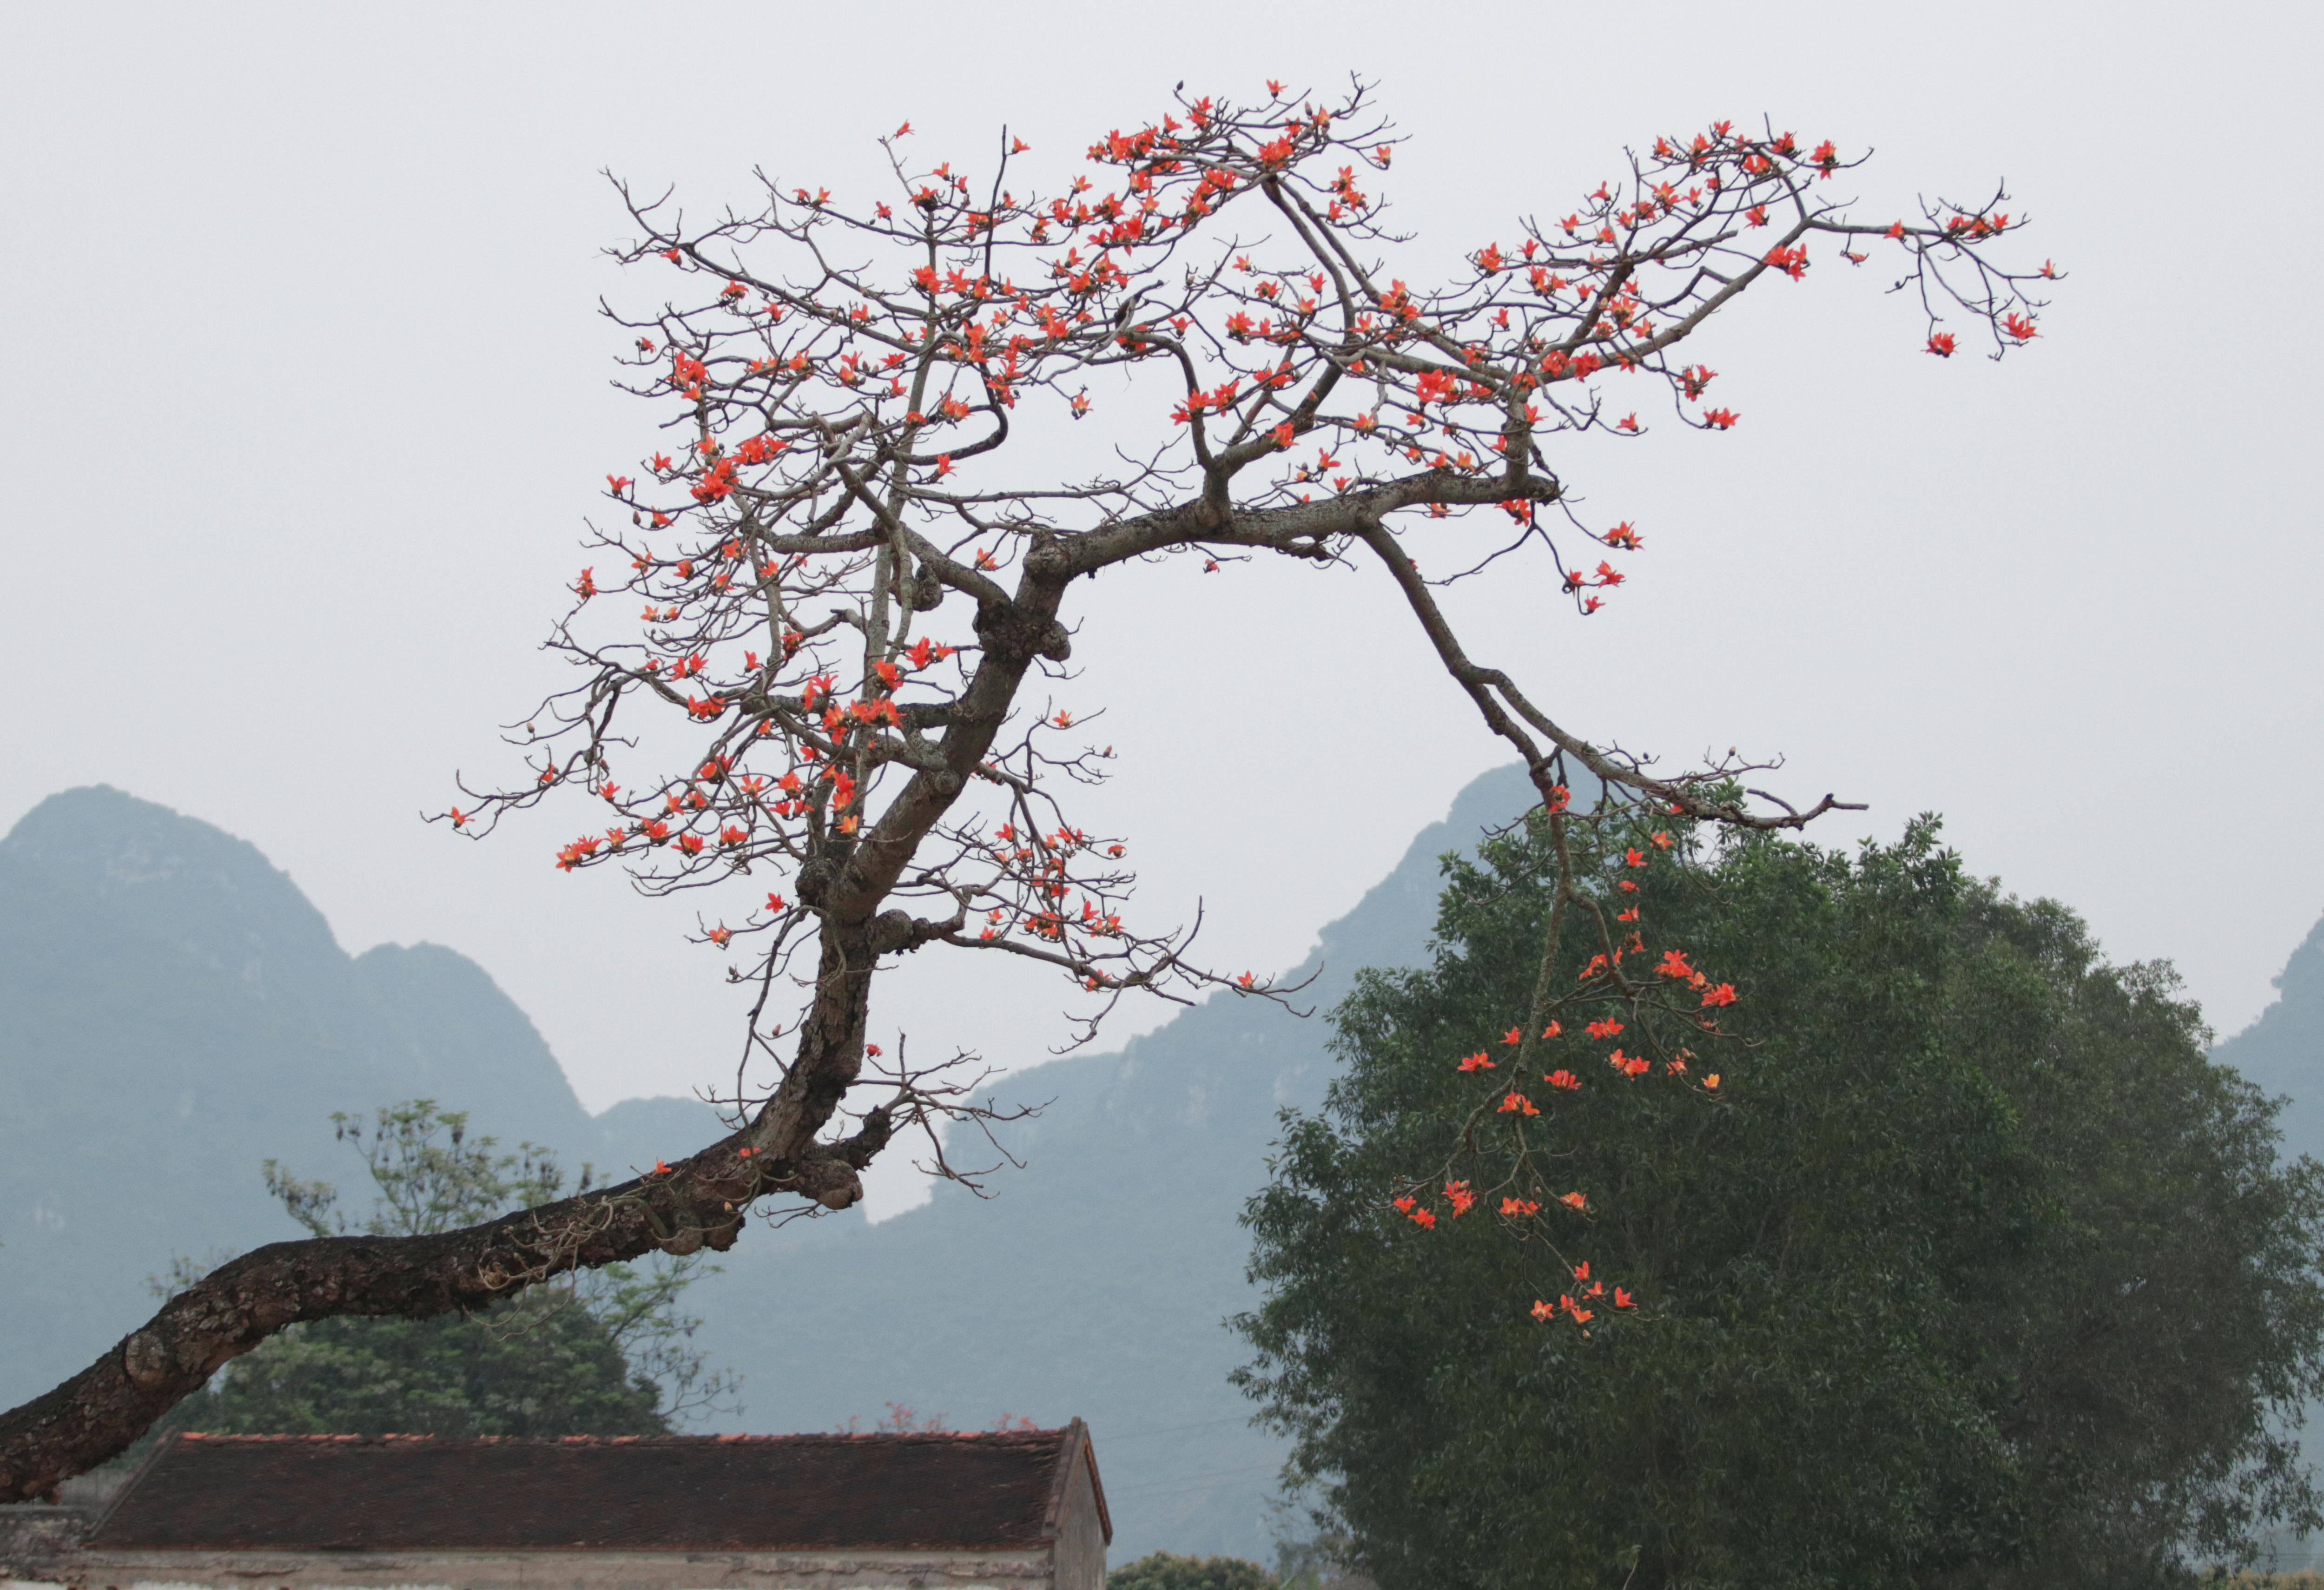 Hoa gạo nhuộm đỏ những góc trời ở ngoại thành Hà Nội - 18